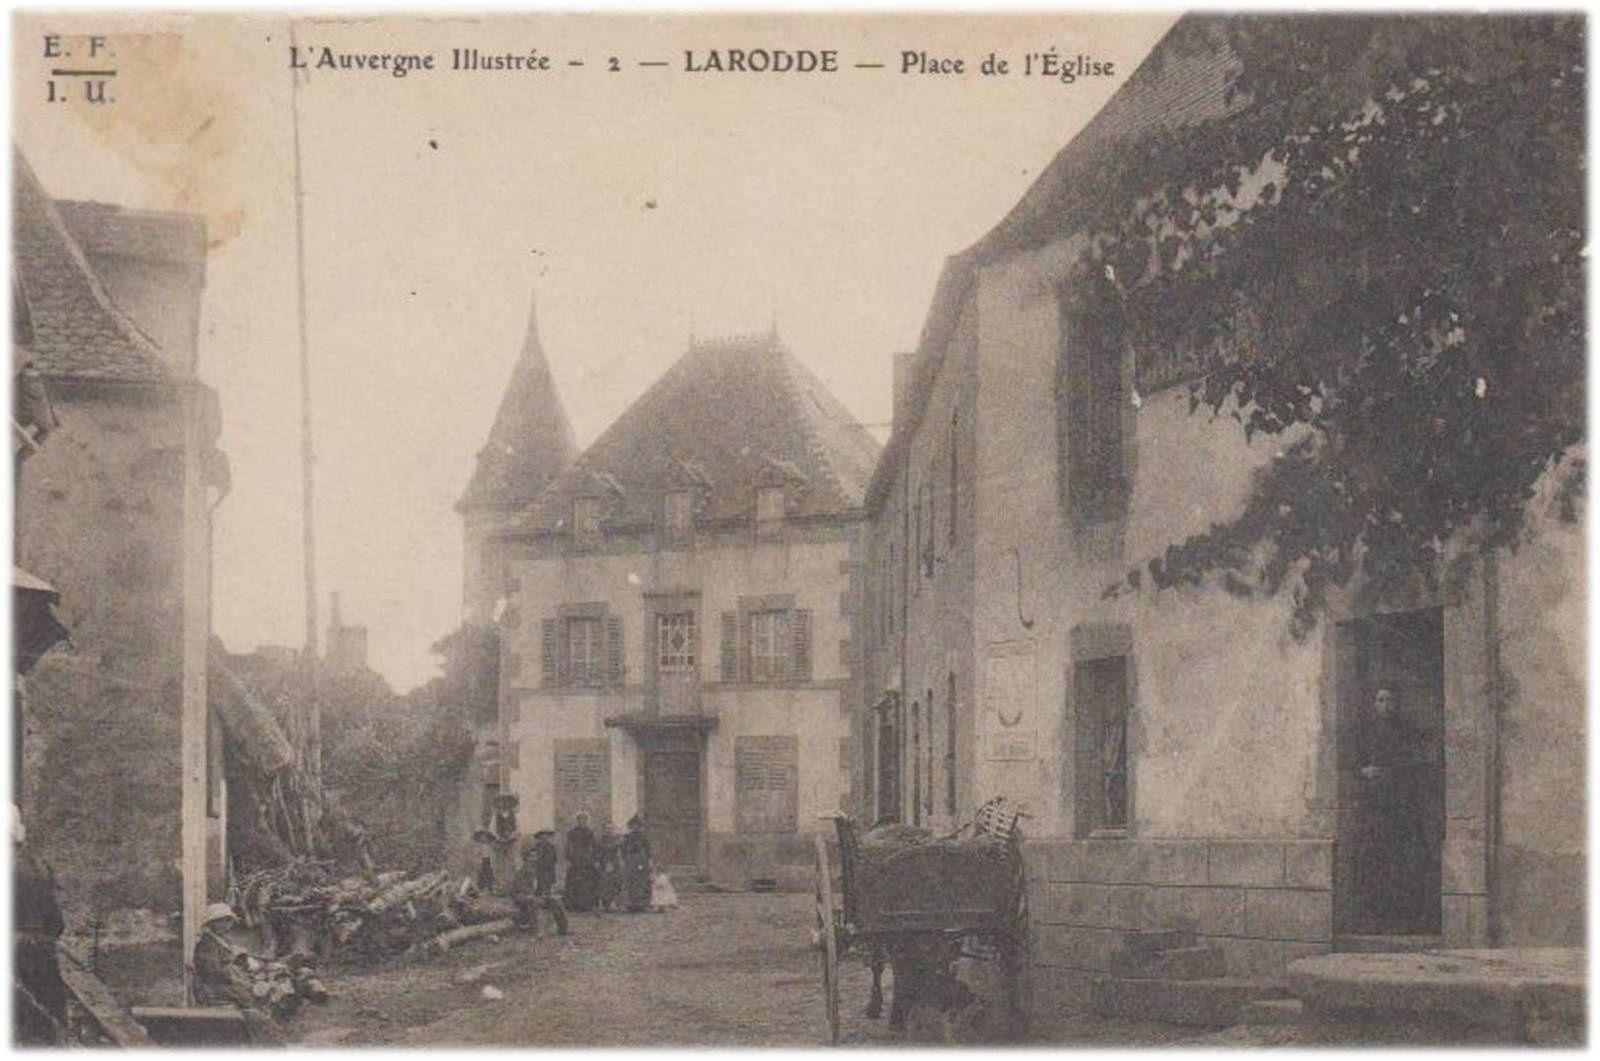 Il était une fois Larodde Puy de dome